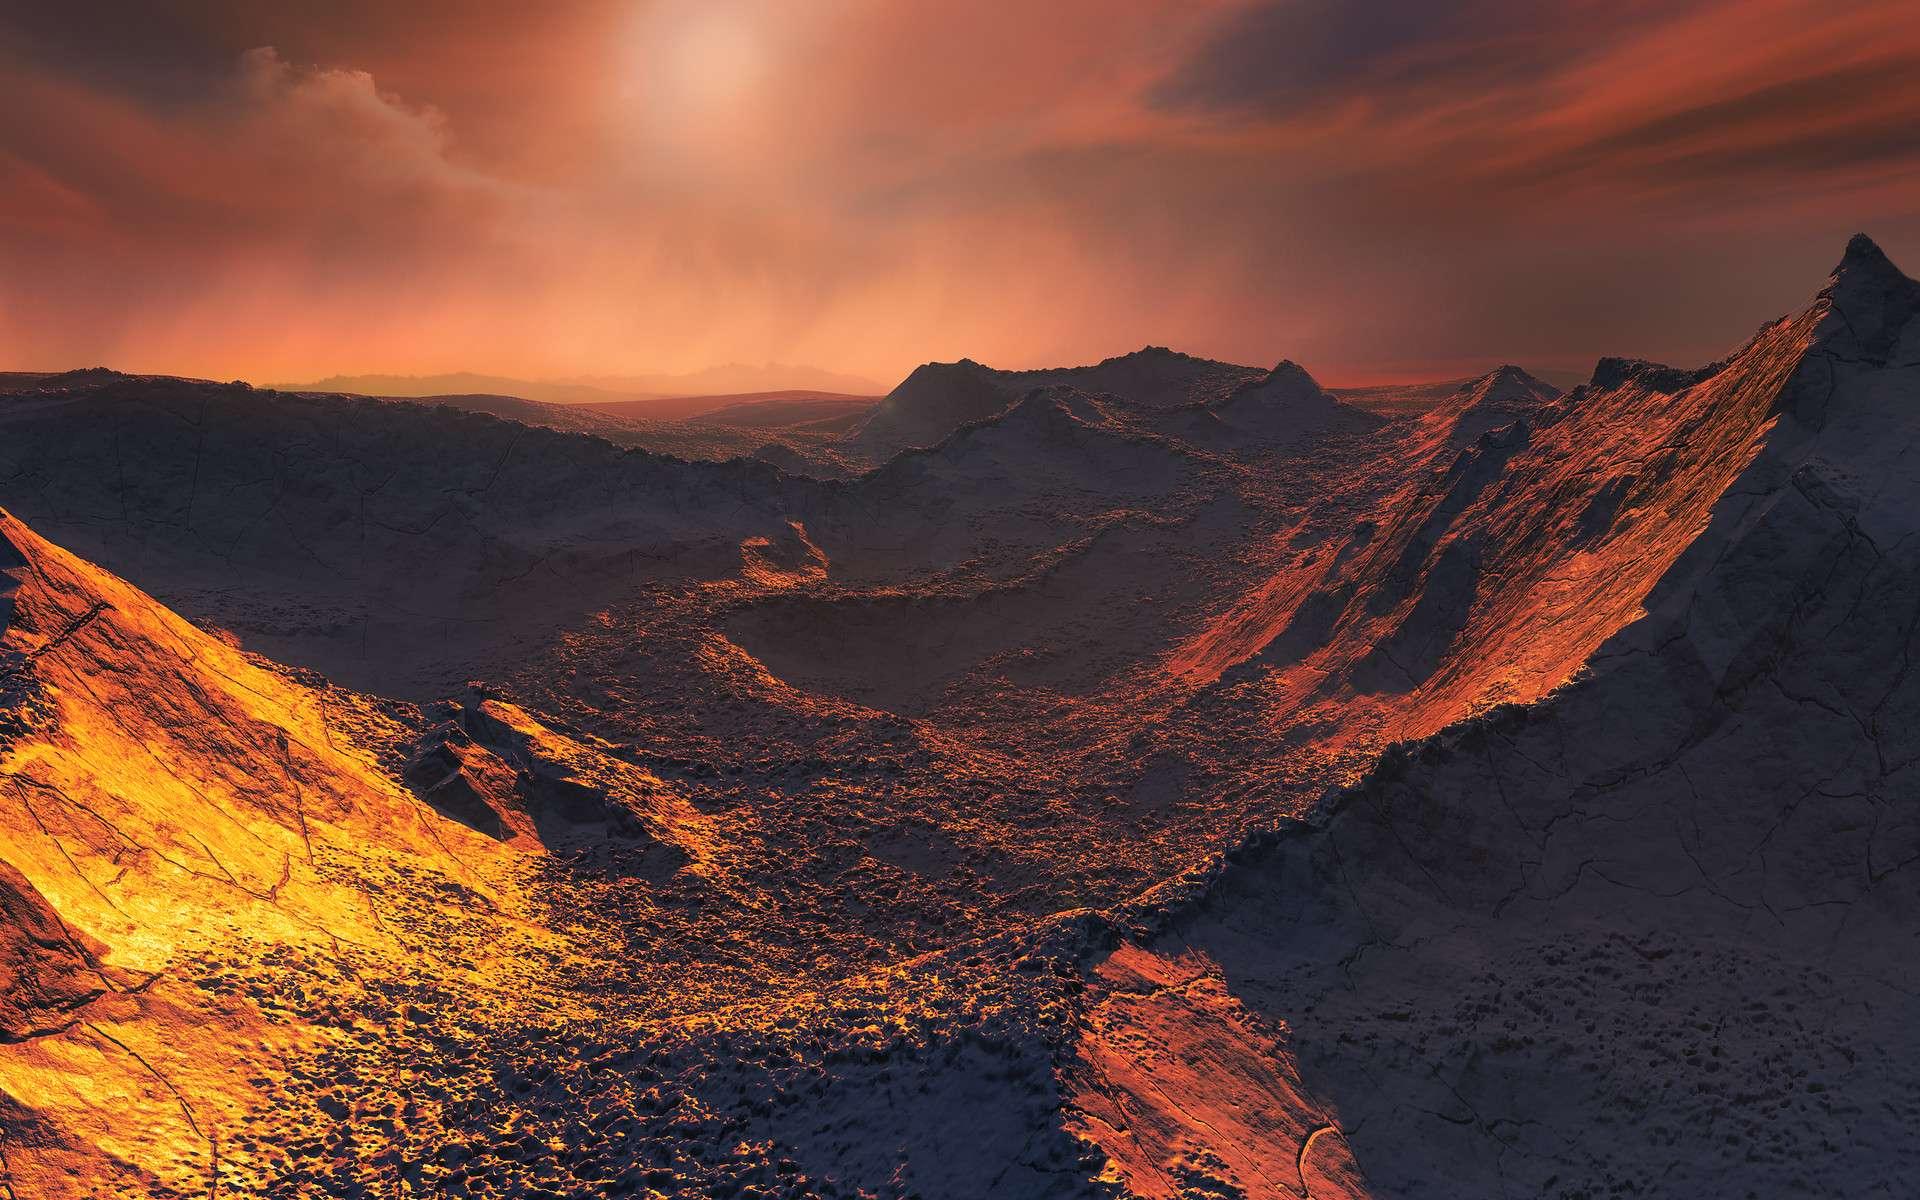 Vue d'artiste de la surface de l'exoplanète découverte en 2018 autour de l'étoile de Barnard. © ESO